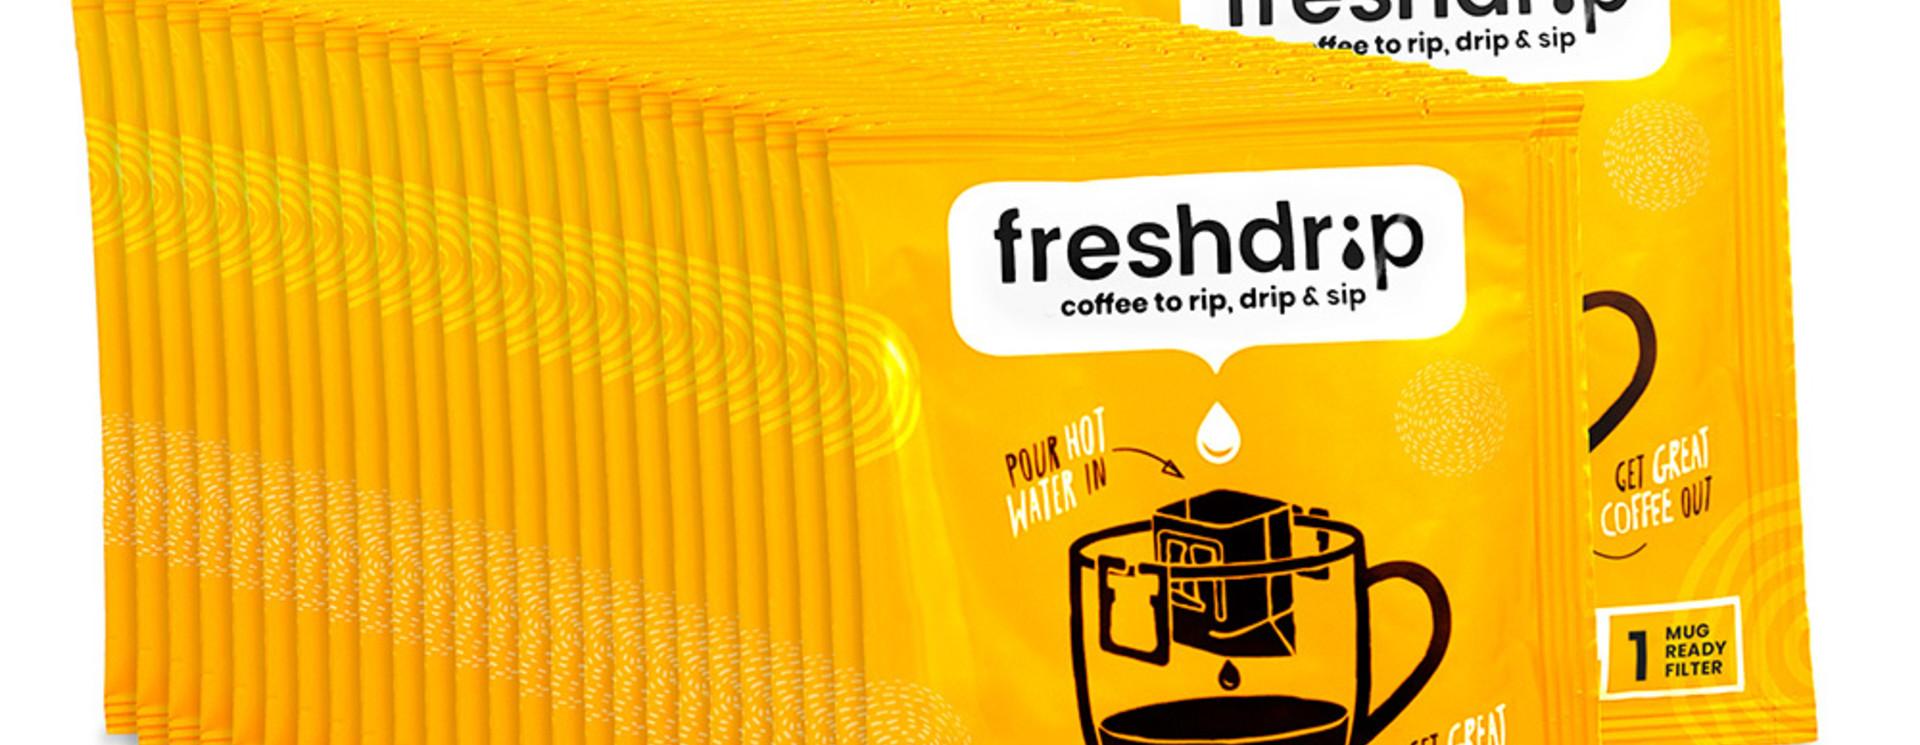 Freshdrip Large Box Met 100 Koffie Filters